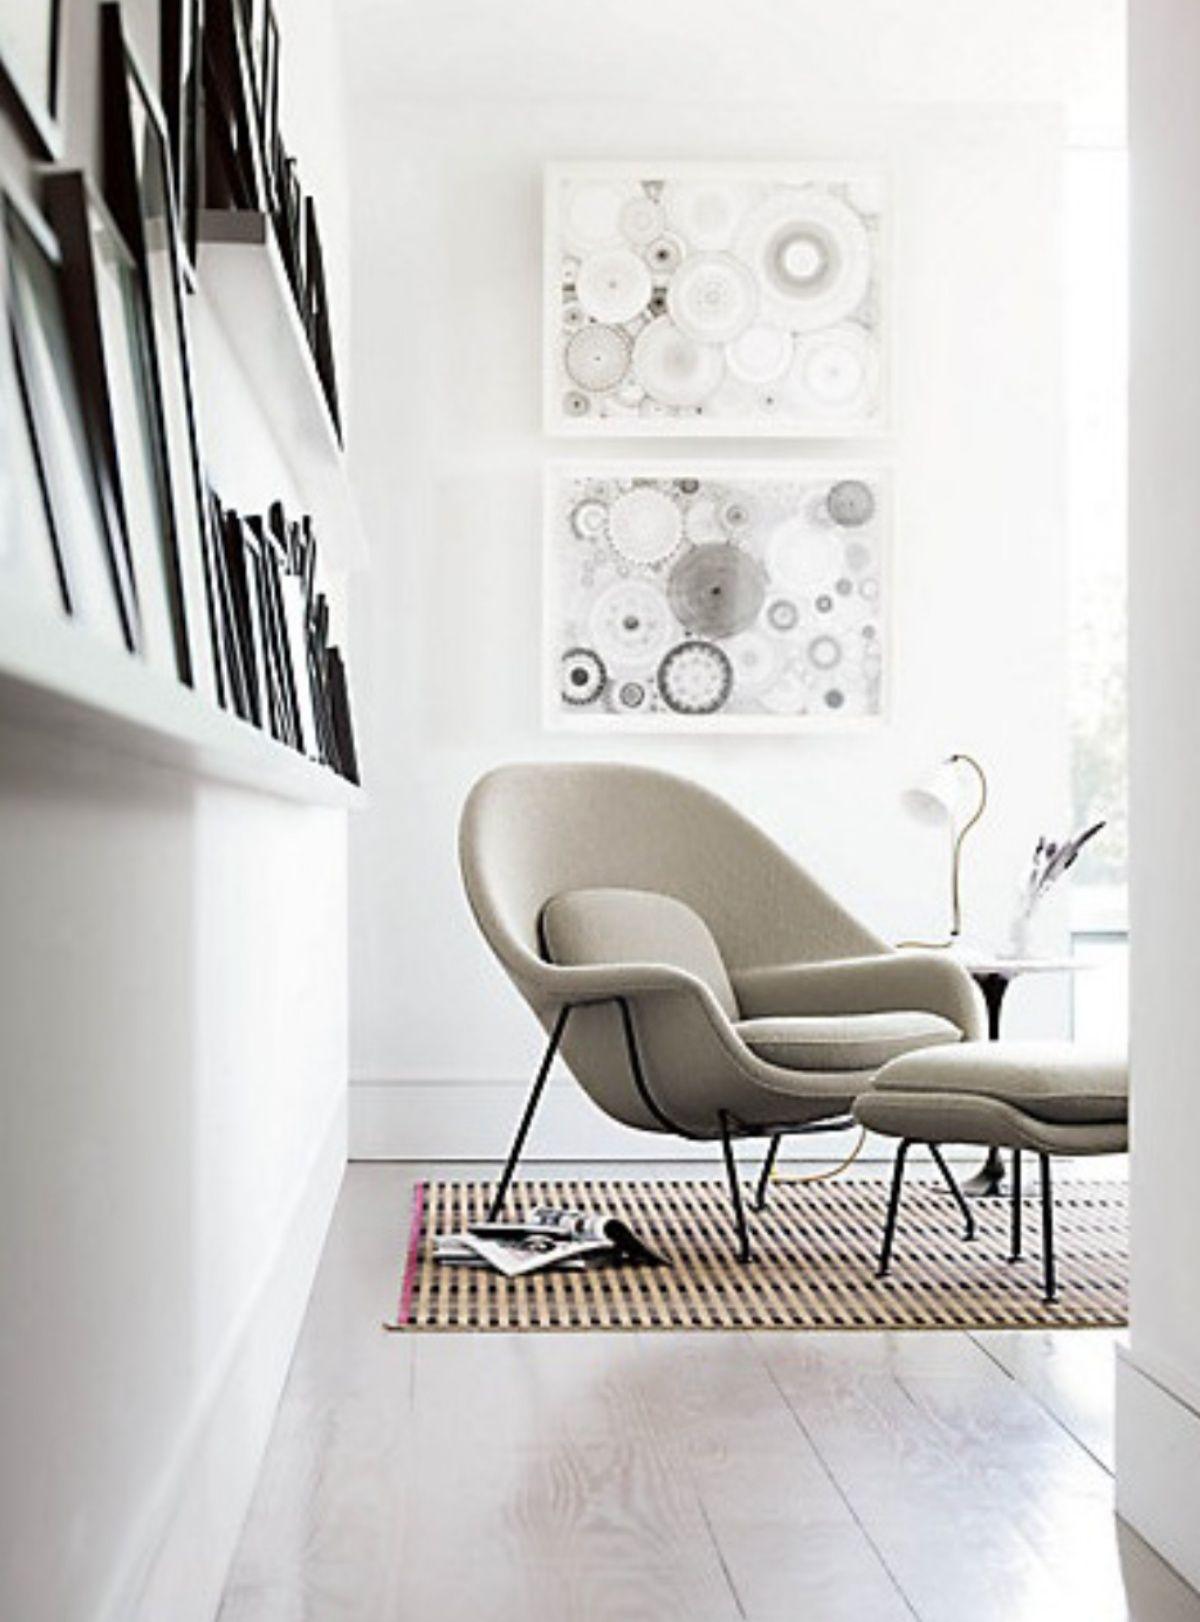 Epingle Par Sapir Ivri Sur Furniture Mobilier De Salon Mobilier Scandinave Mobilier Design